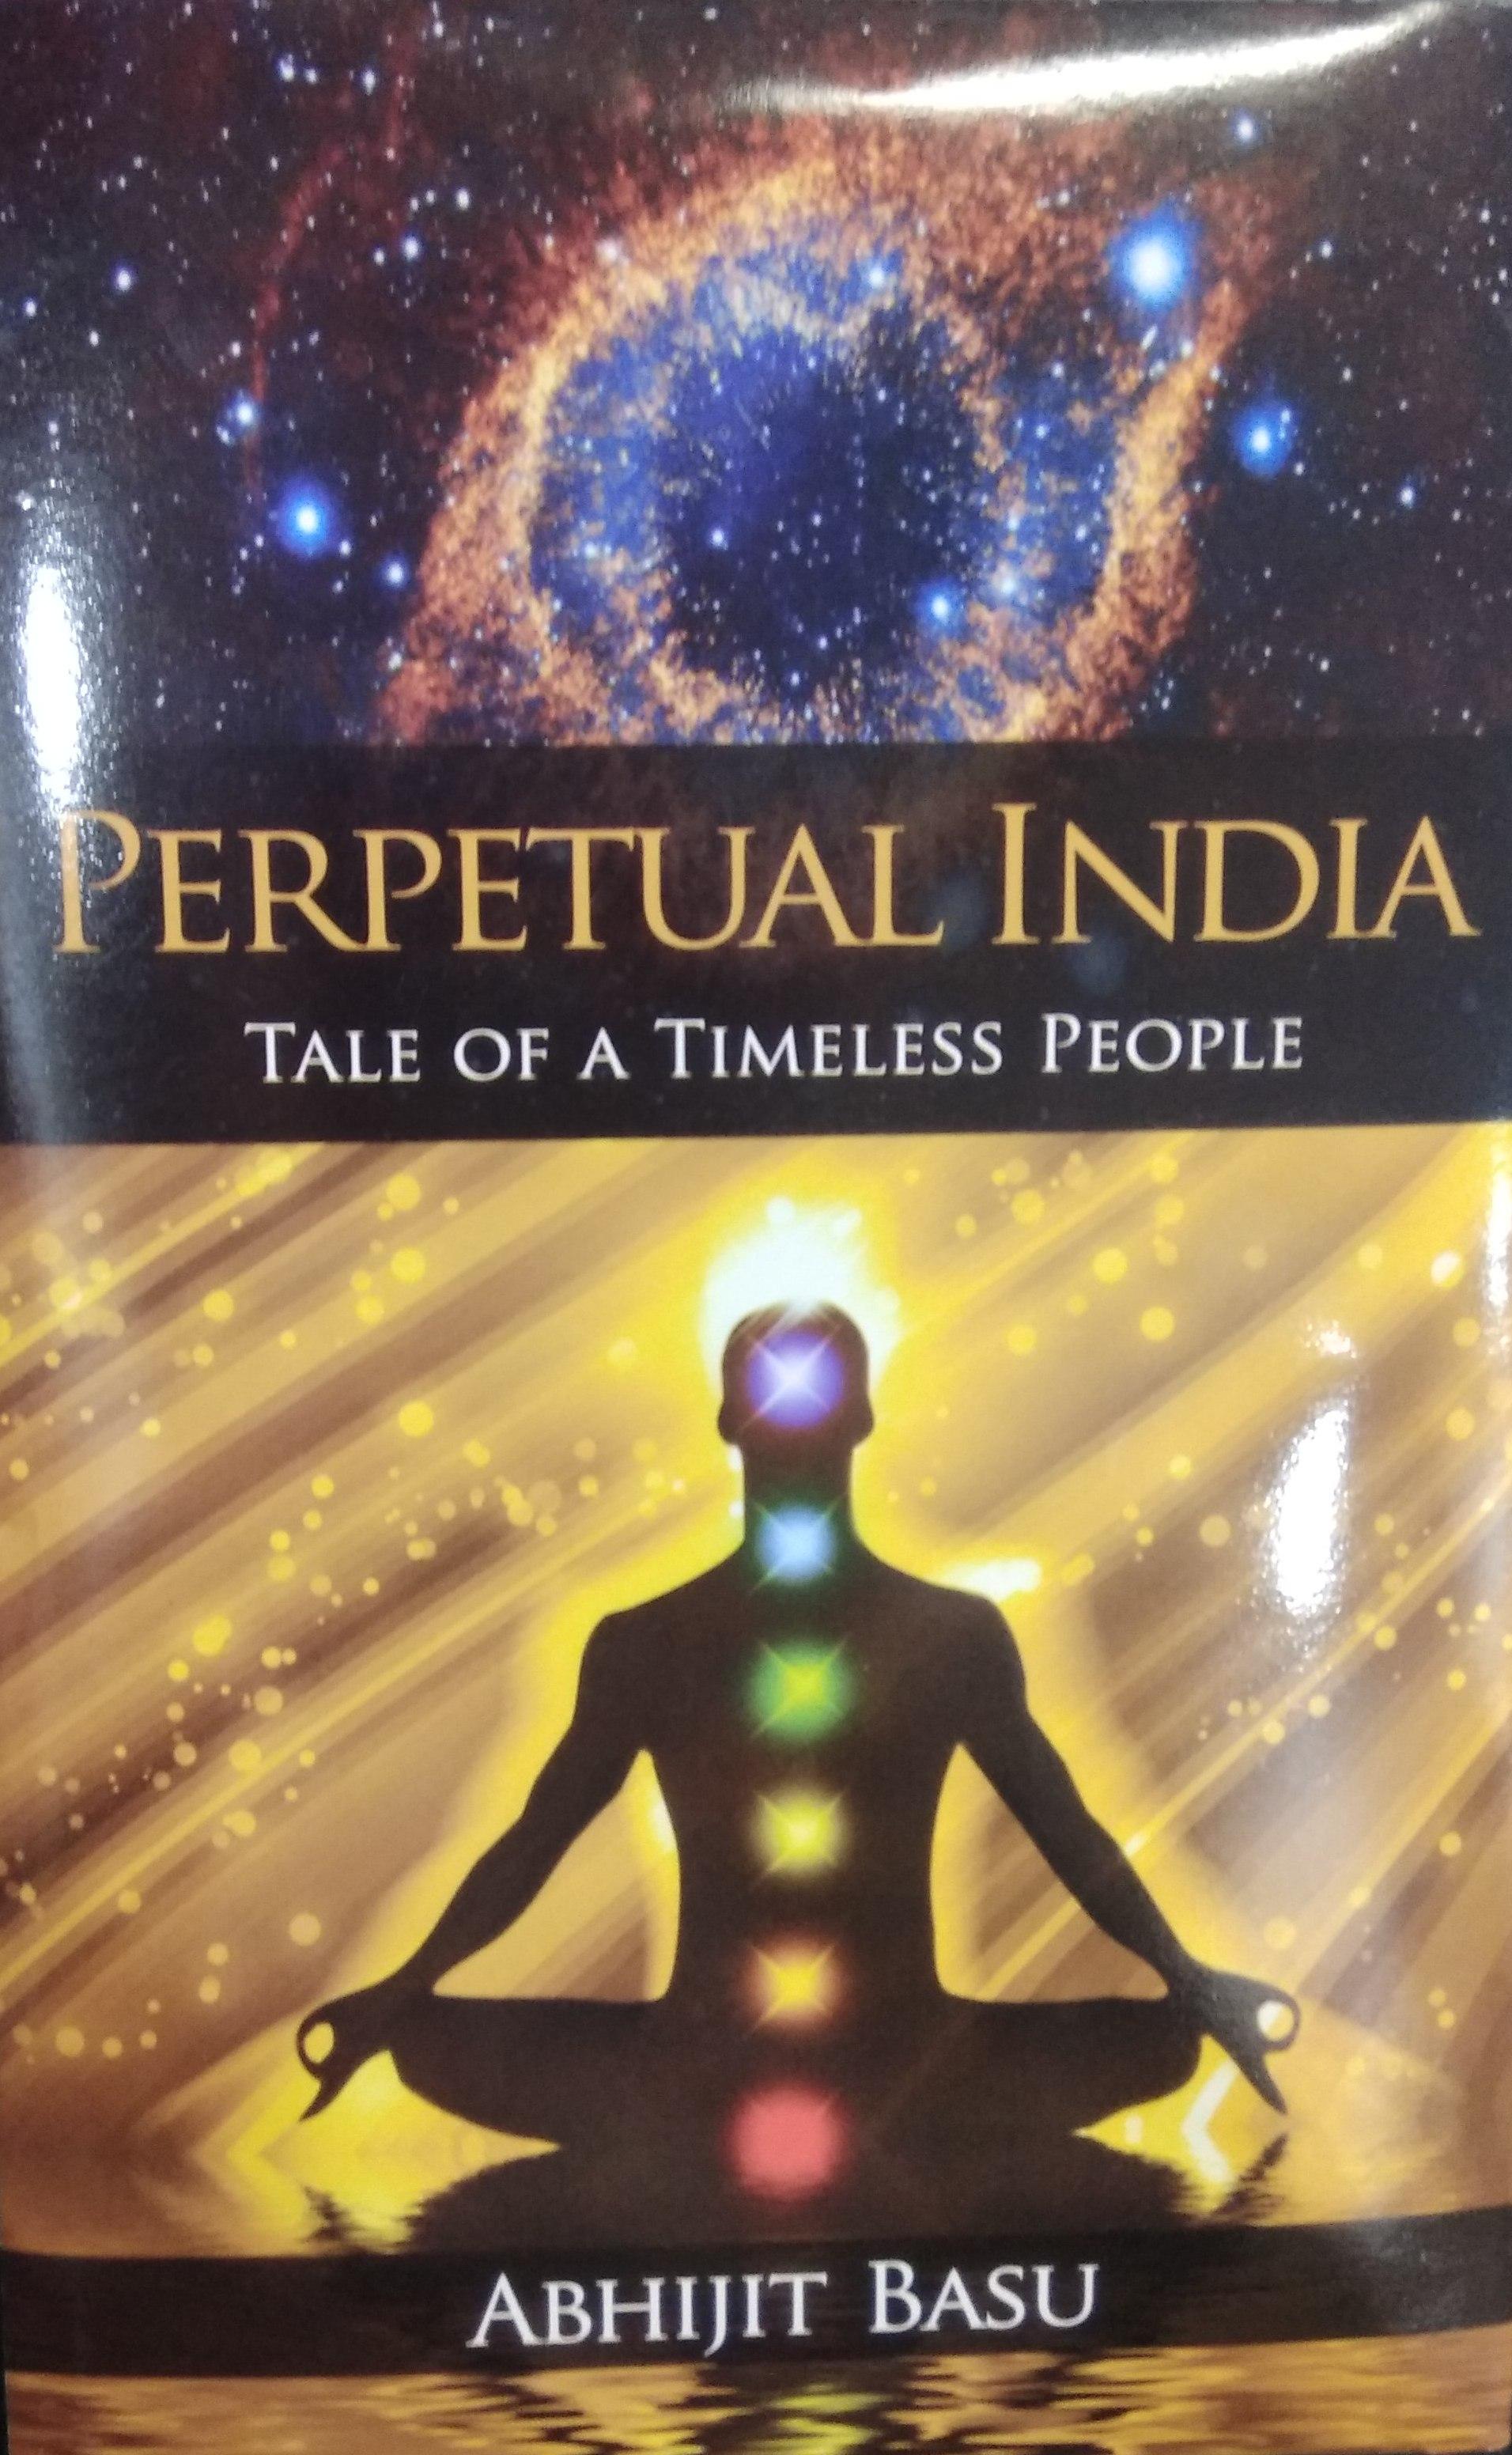 Perpetual India